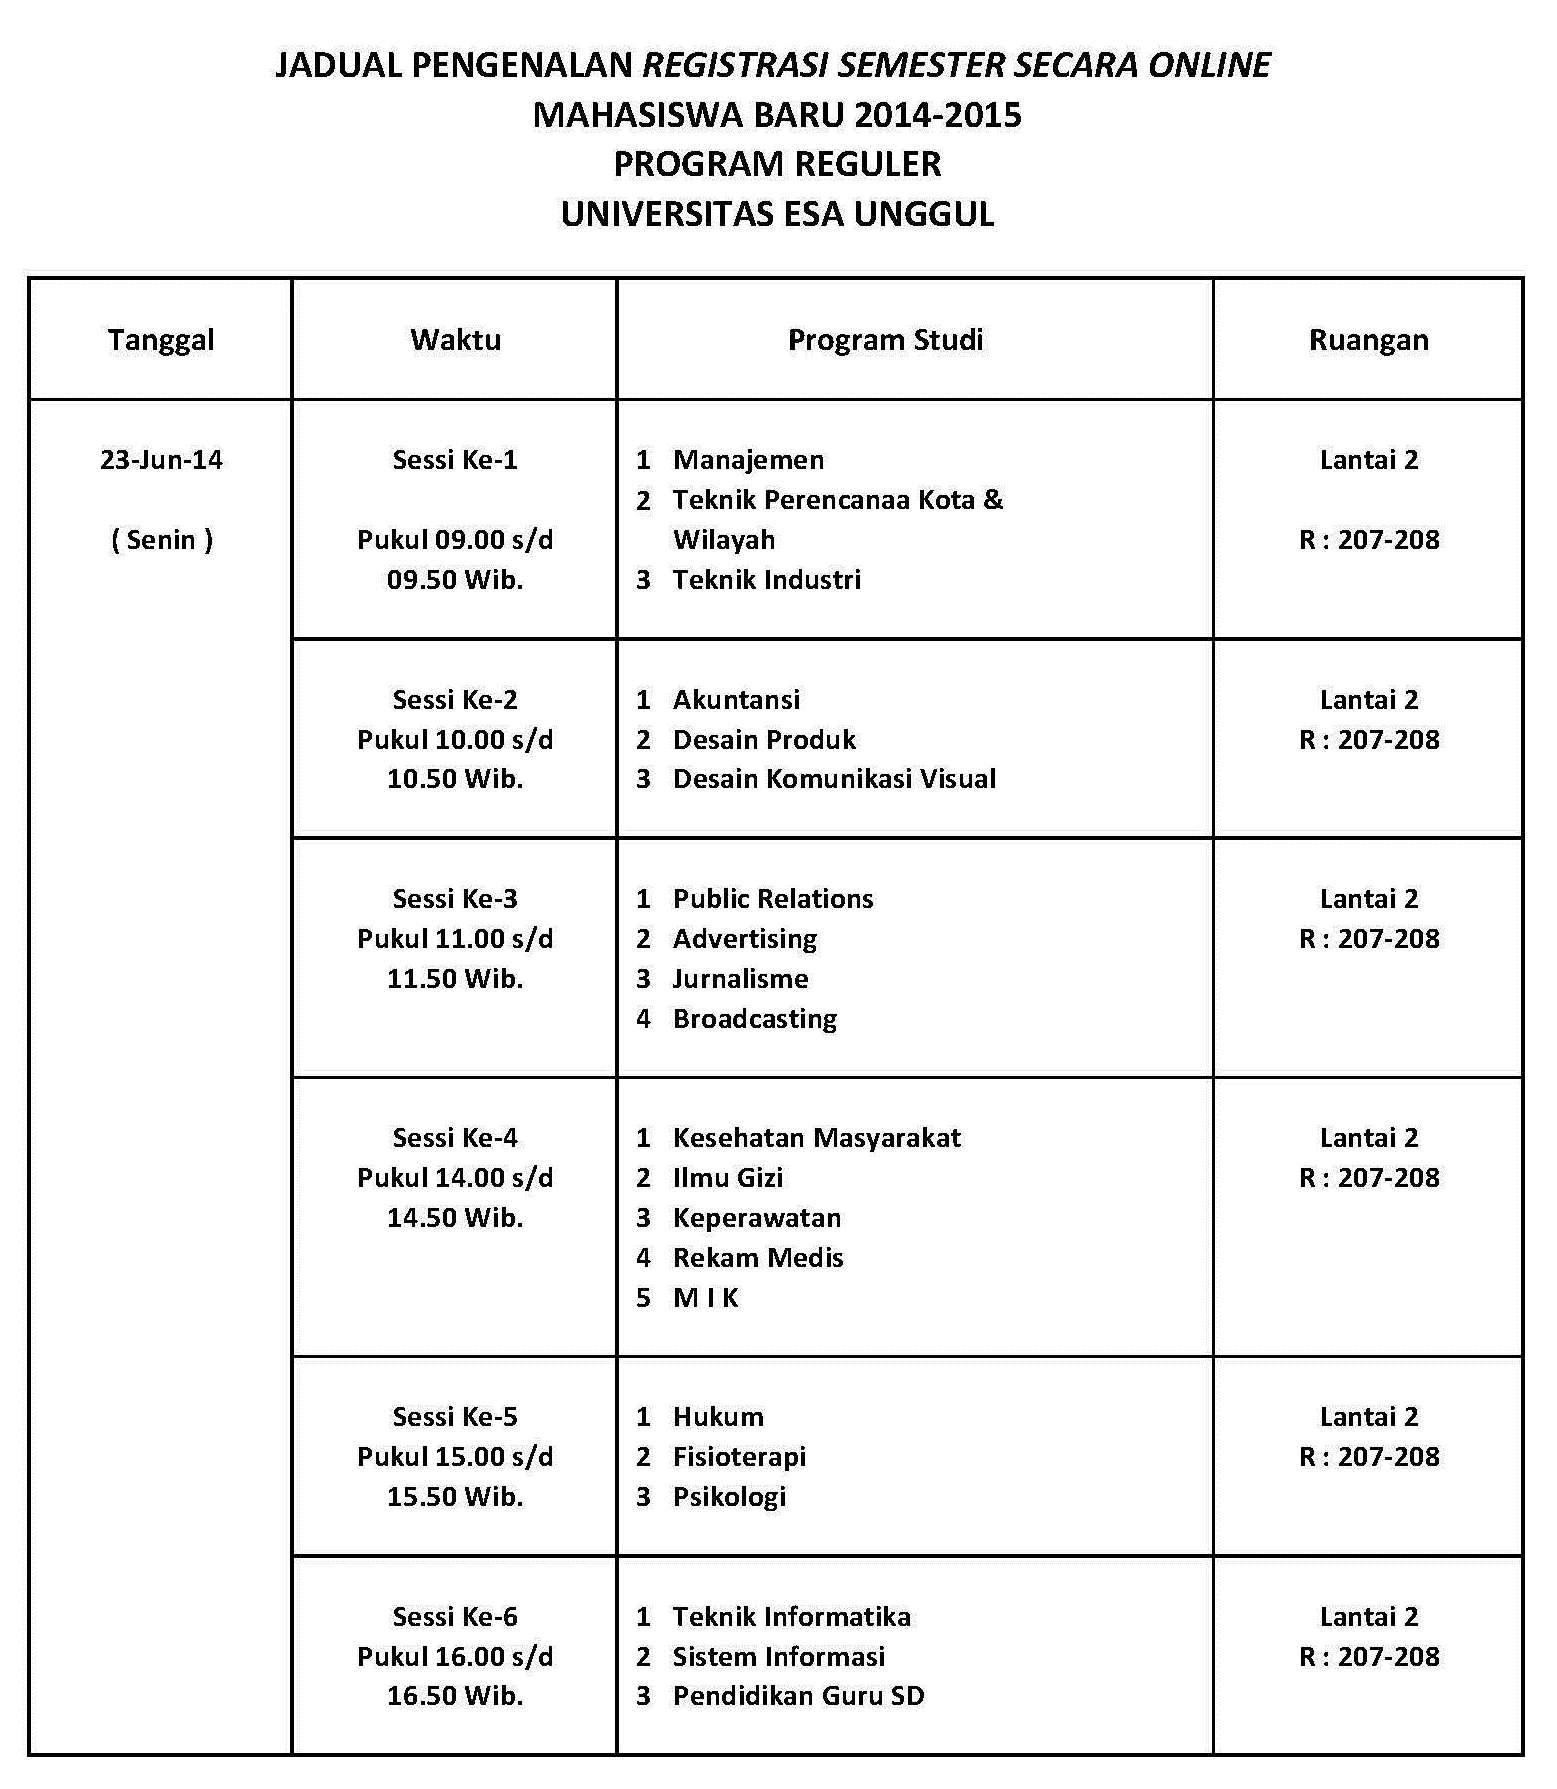 Jadwal Pengenalan Registrasi Semester secara Online Mahasiswa Baru 2014